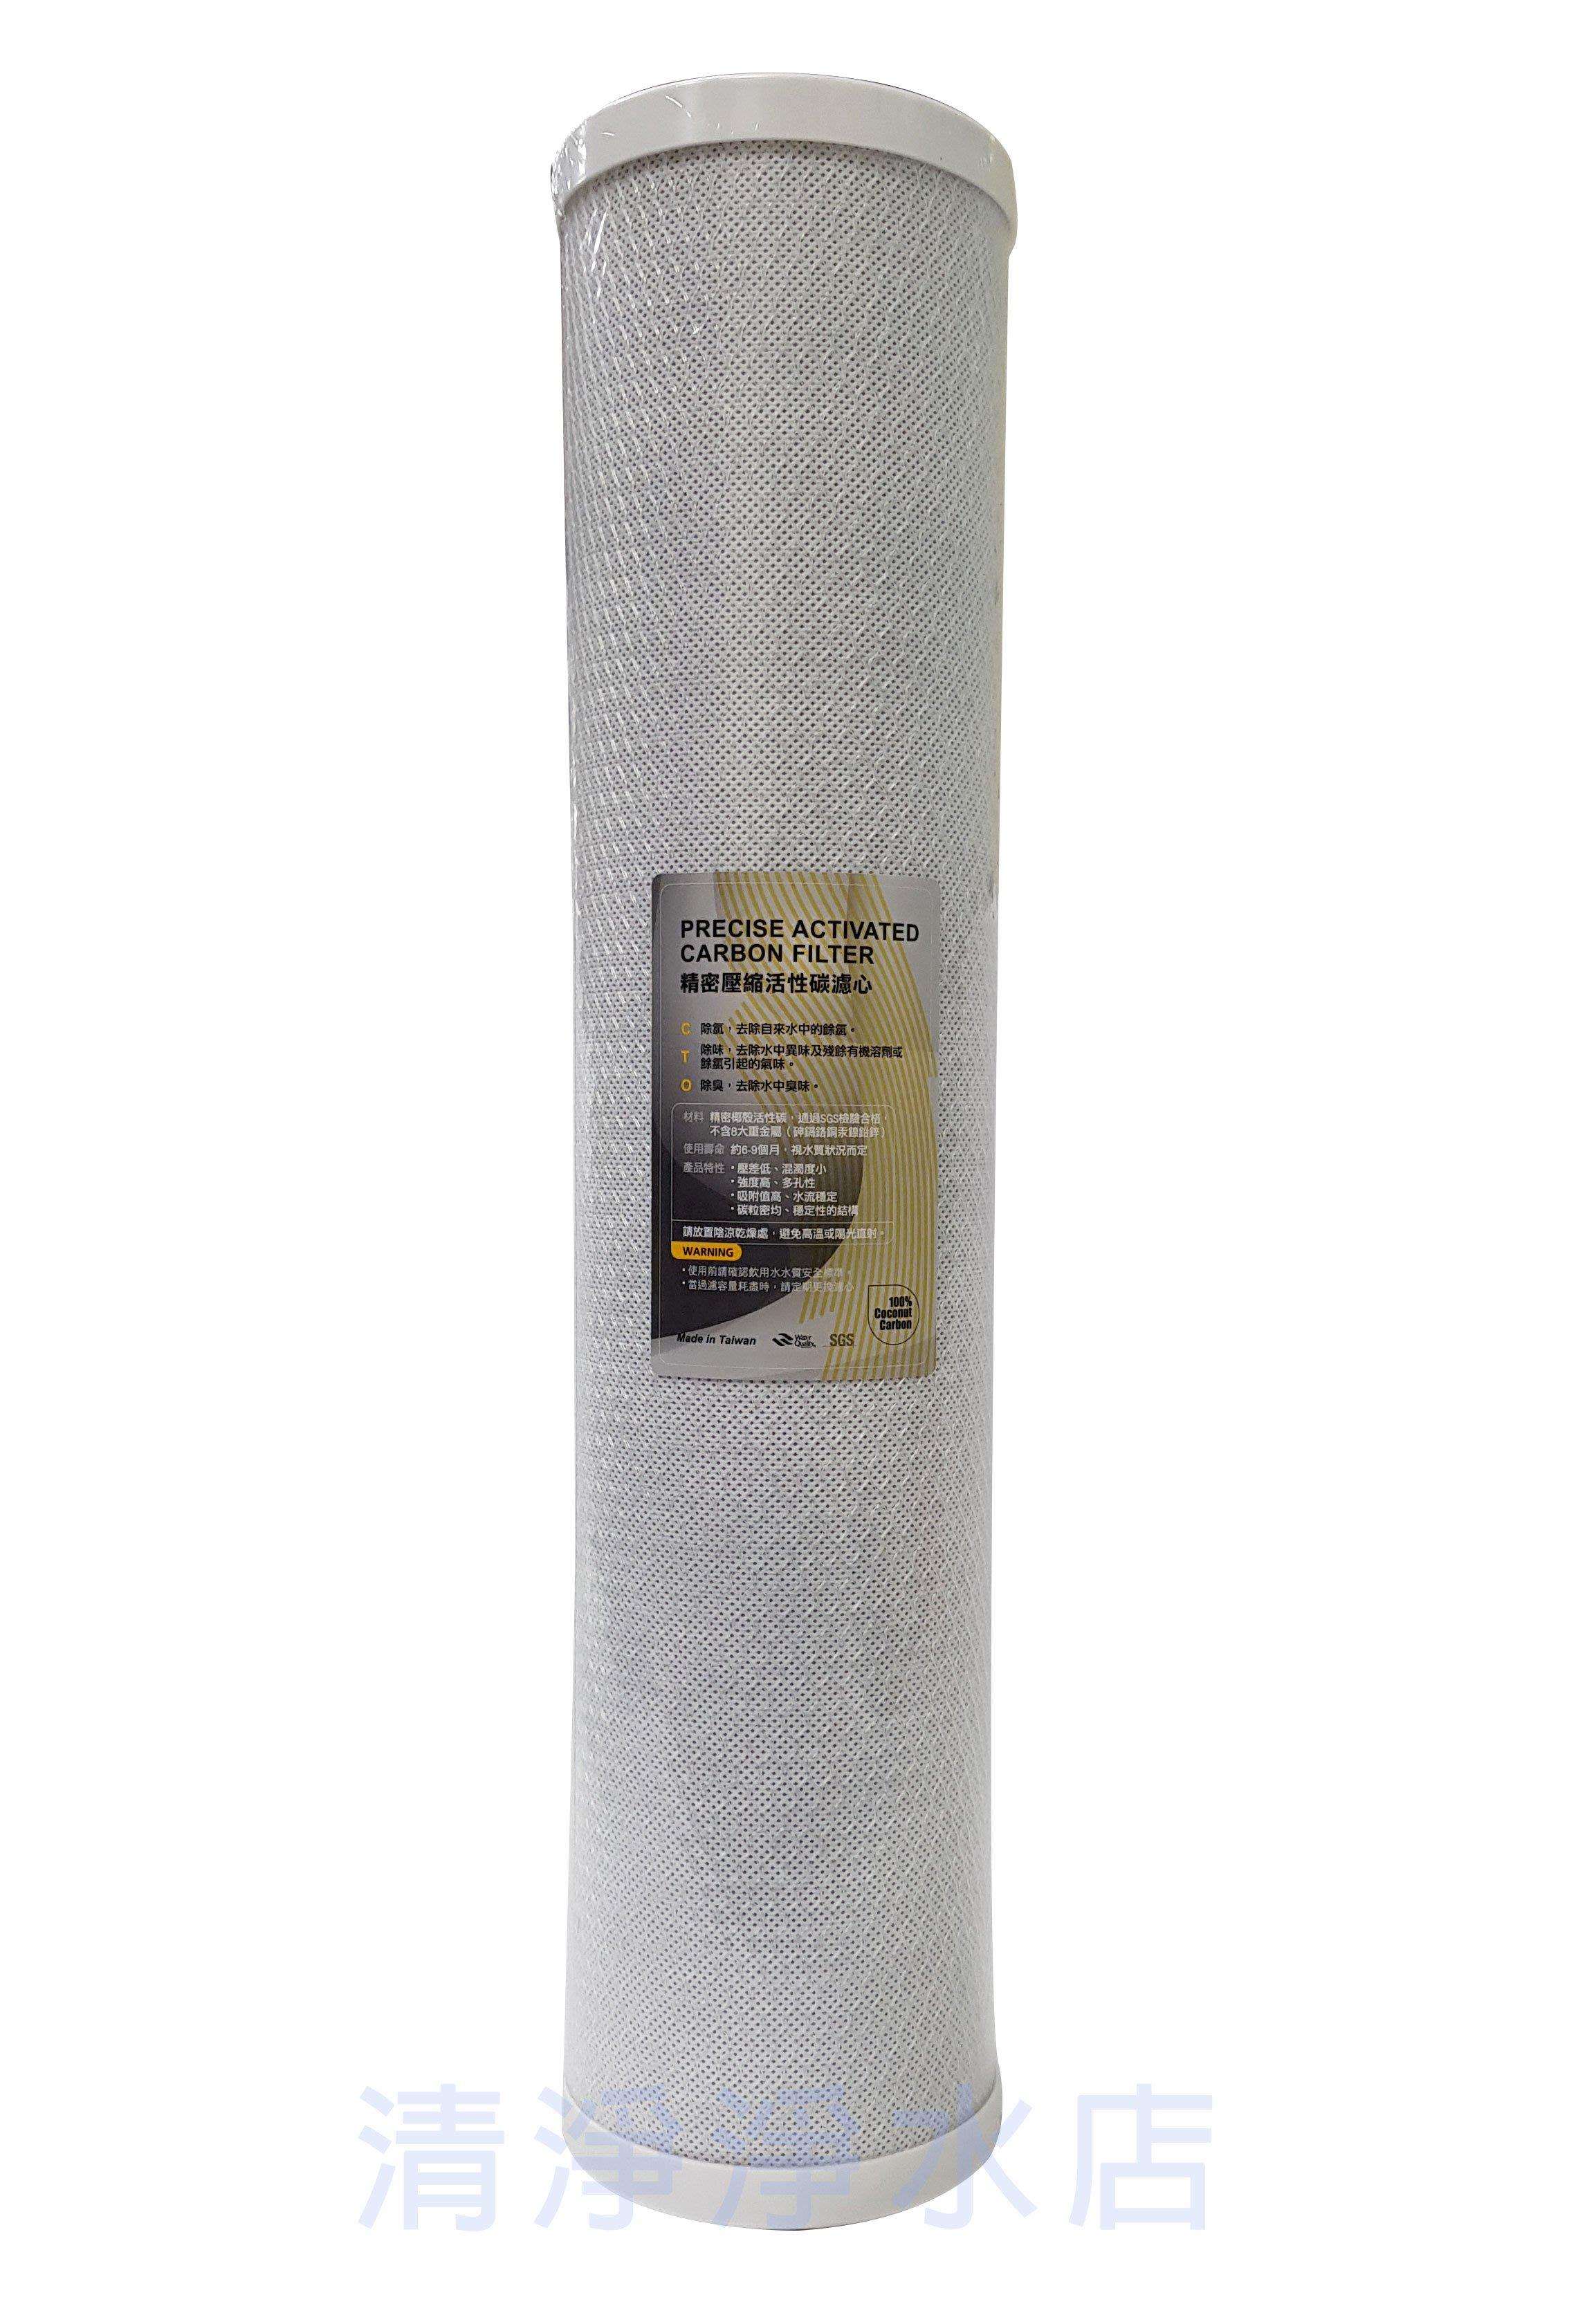 【清淨淨水店】100%台製YS-ES系列SGS認證20吋大胖椰殼壓縮活性炭濾心-CTO,一箱只要2500元。